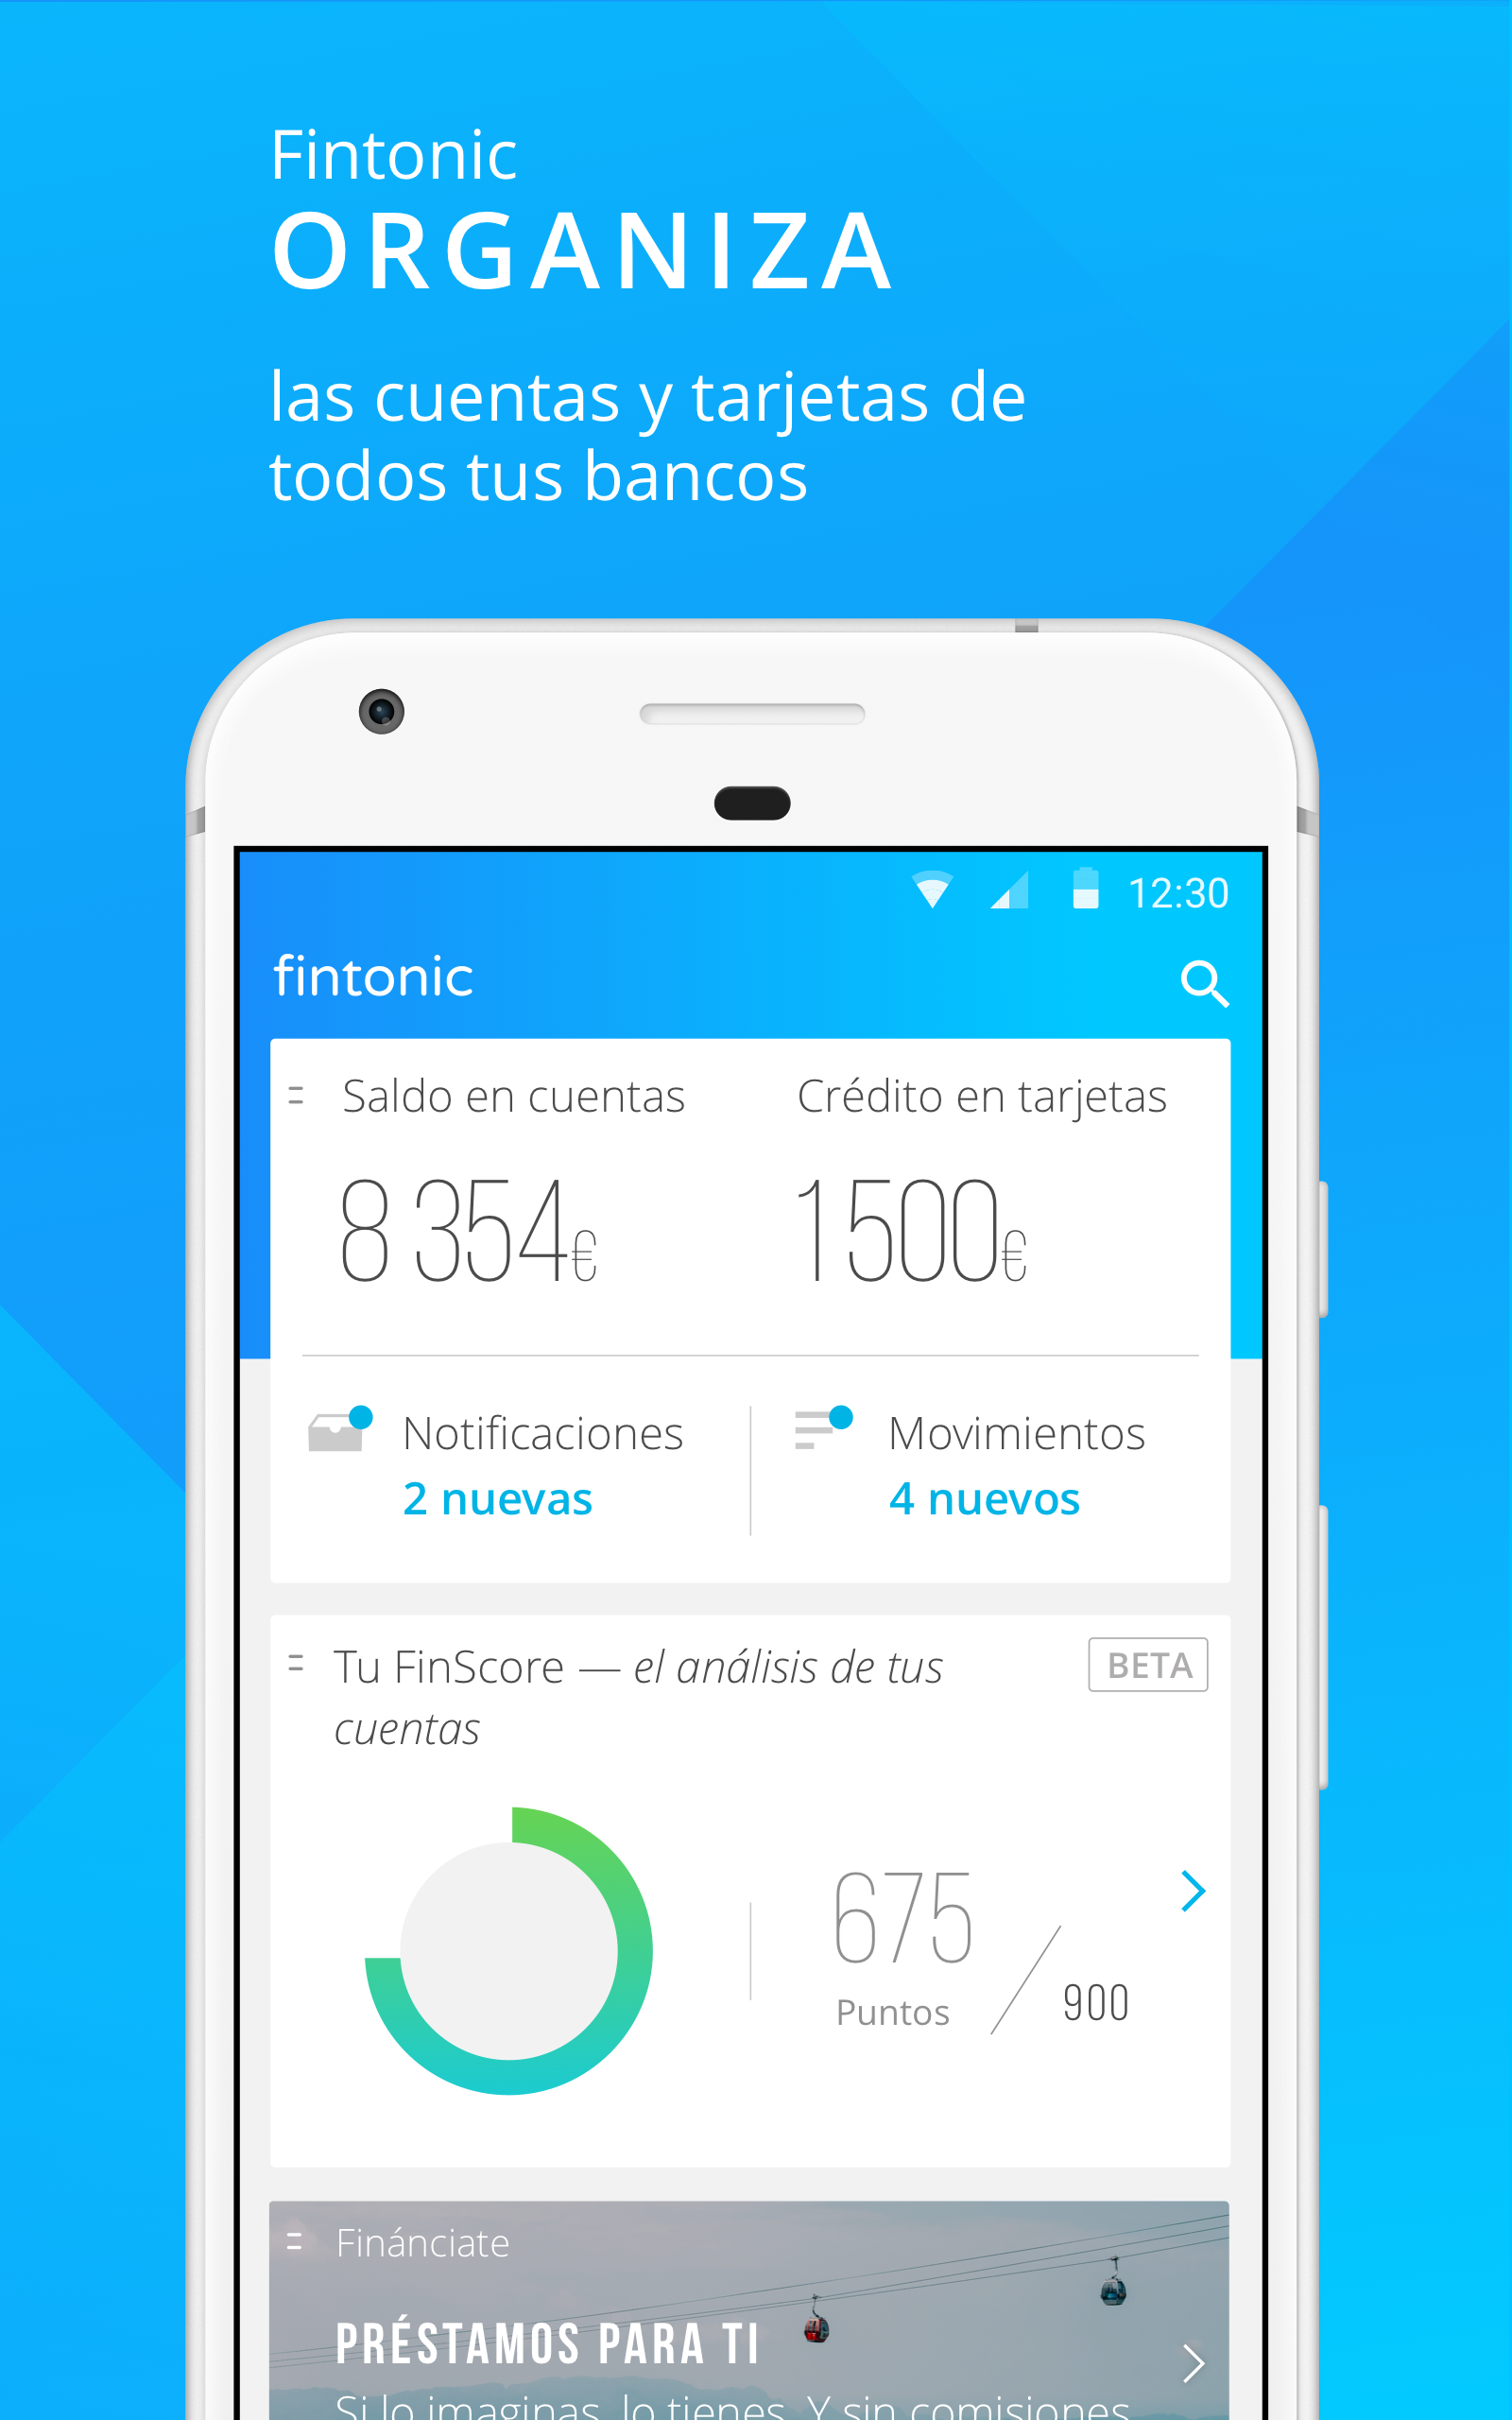 Fintonic - Finanzas Personales: Amazon.es: Appstore para Android